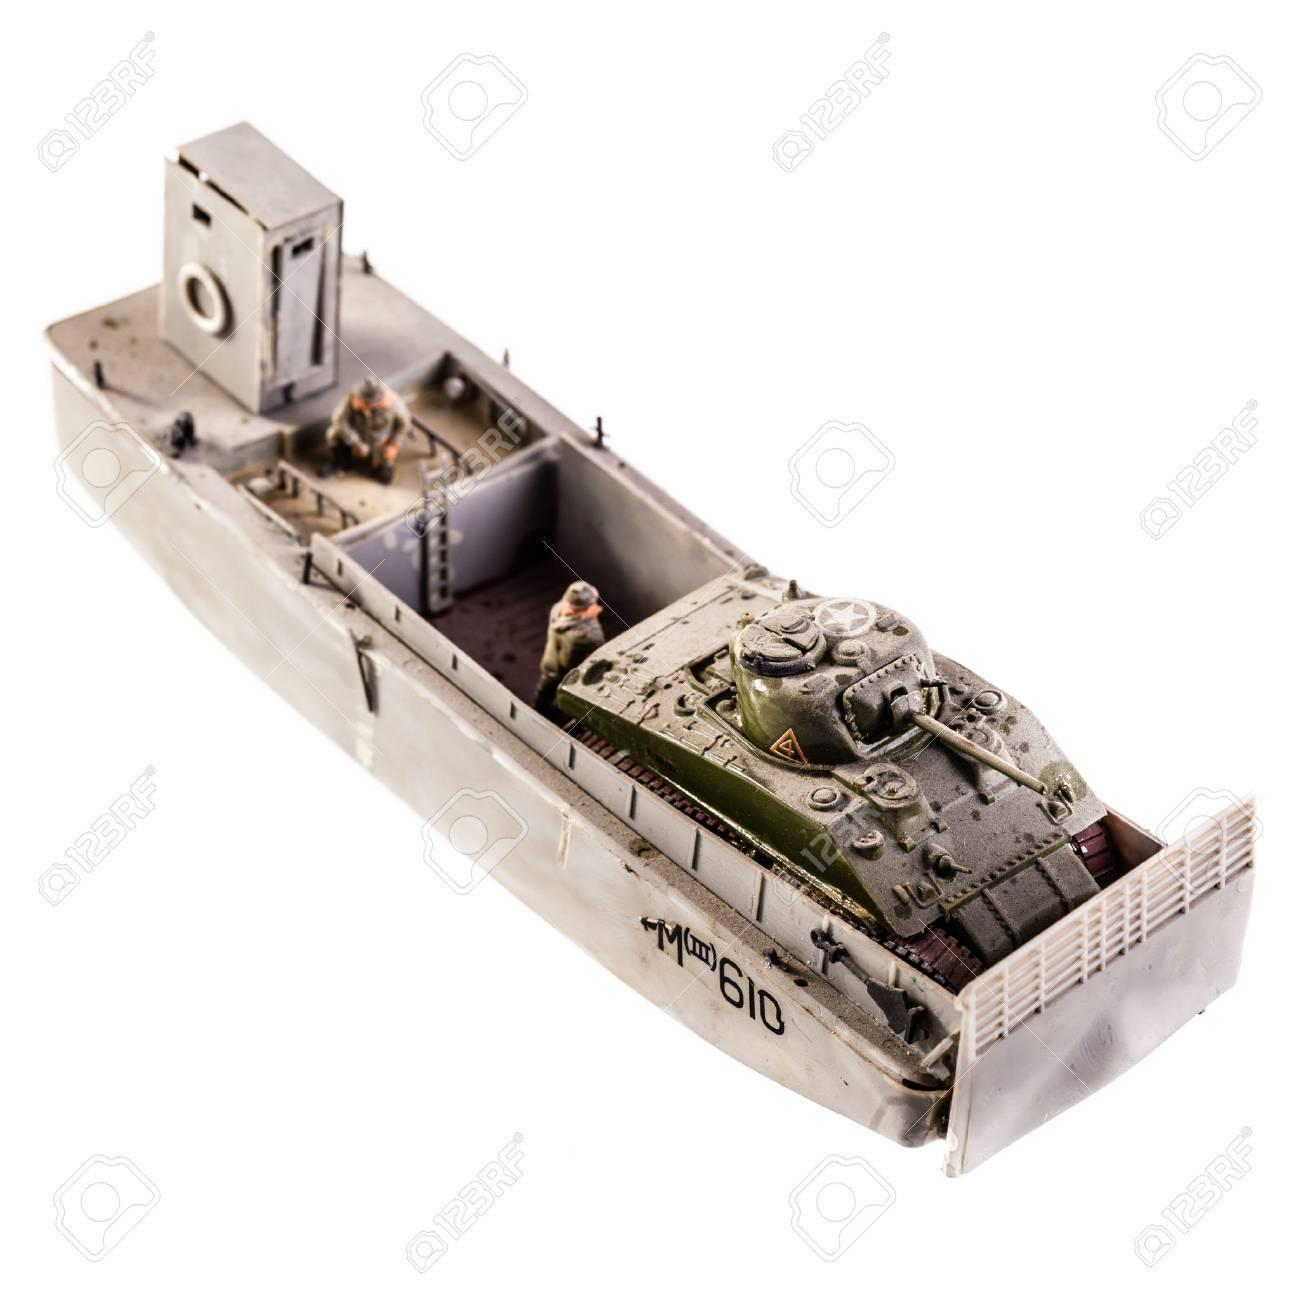 白地に分離タンク上陸用舟艇のプラモデル の写真素材・画像素材 Image ...